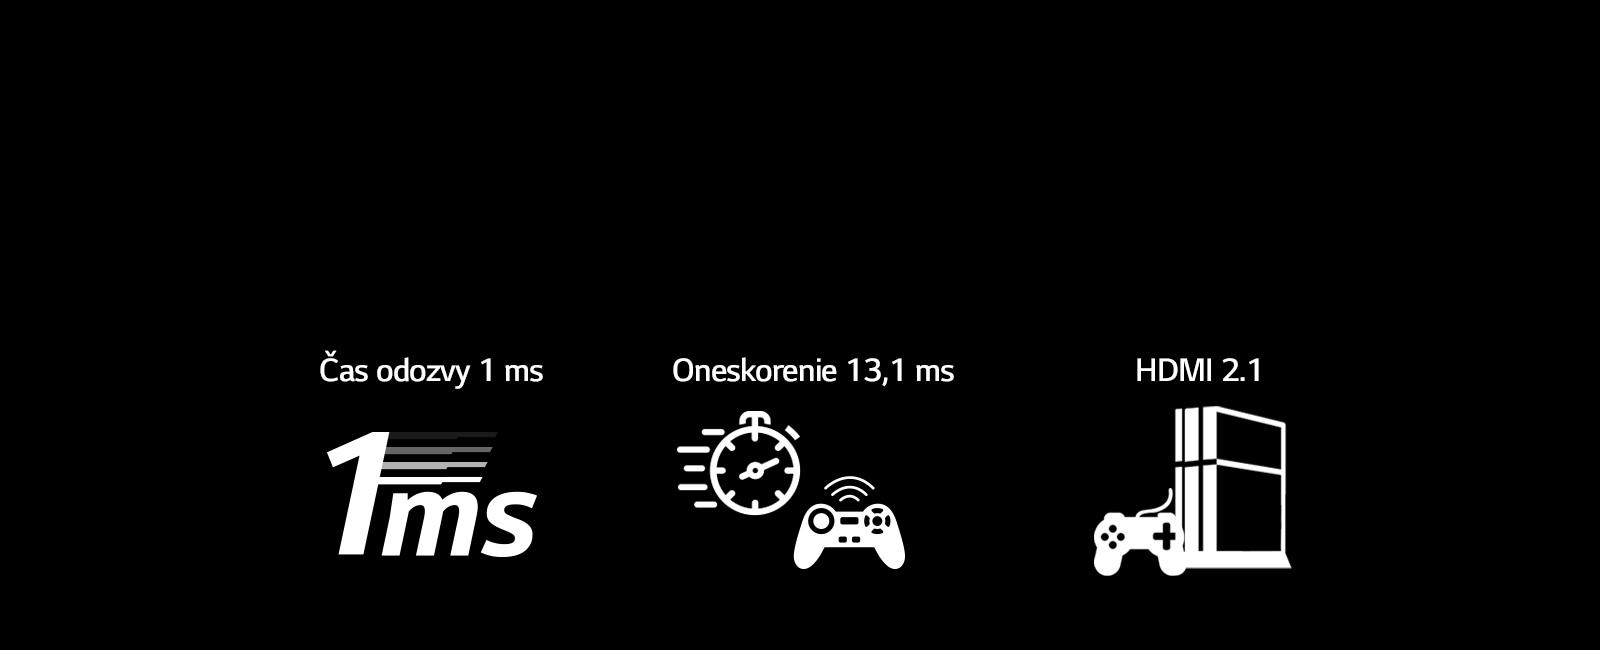 TV-OLED-B9-Gaming-2-Desktop